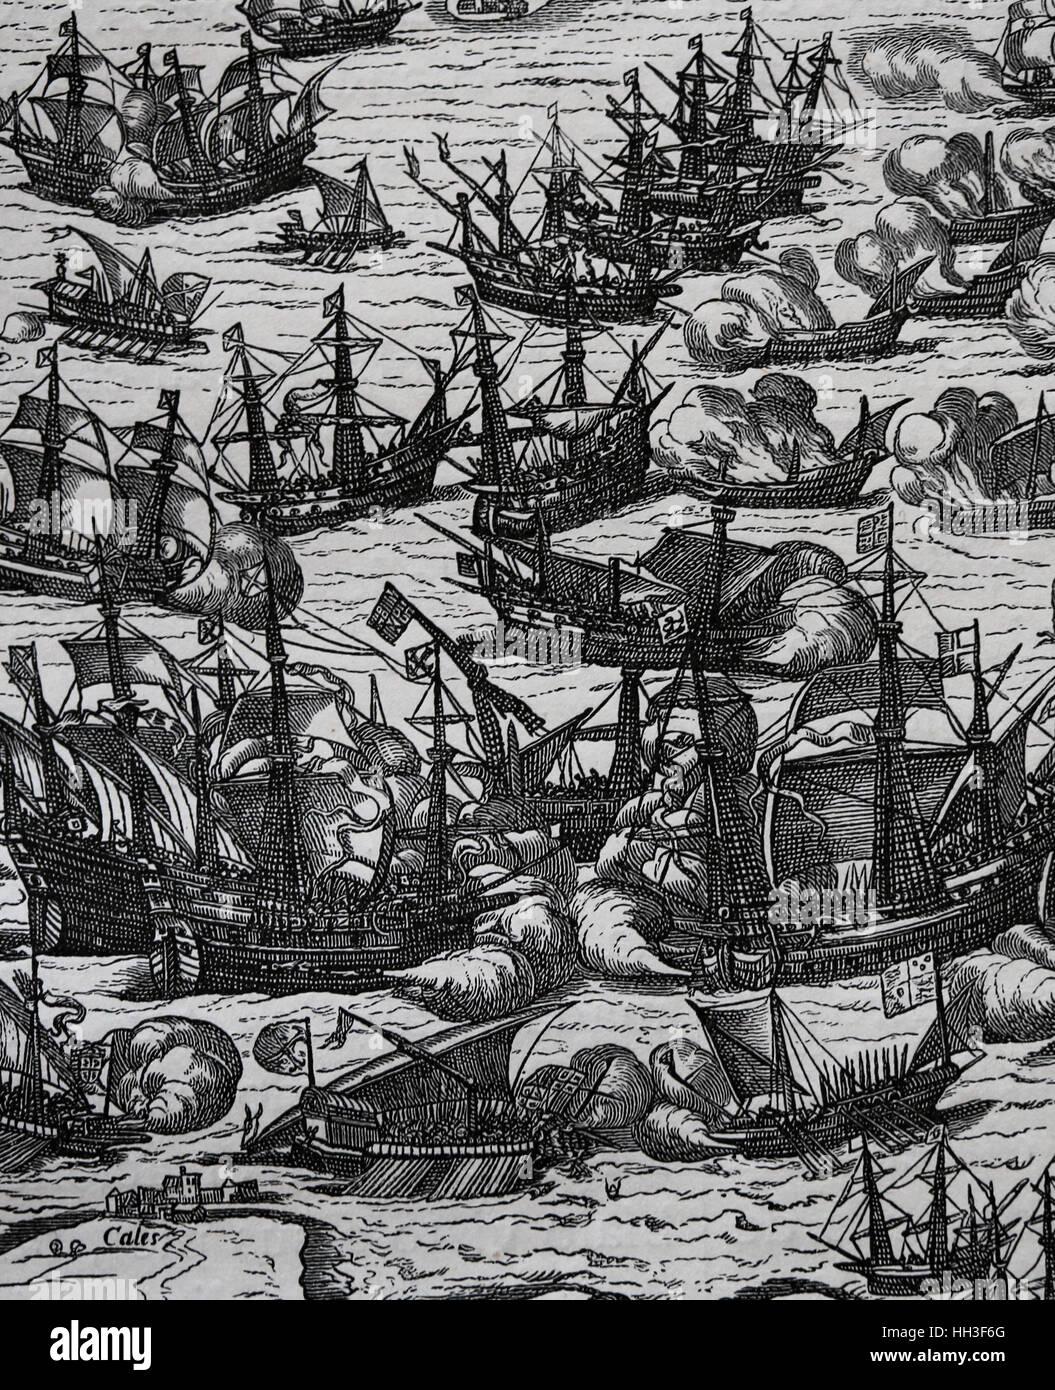 Spanische Armada. Spanische Flotte von 130 Schiffen mit dem Ziel erobert England. Kopie eines Originals F. Hogenbergs Stockbild